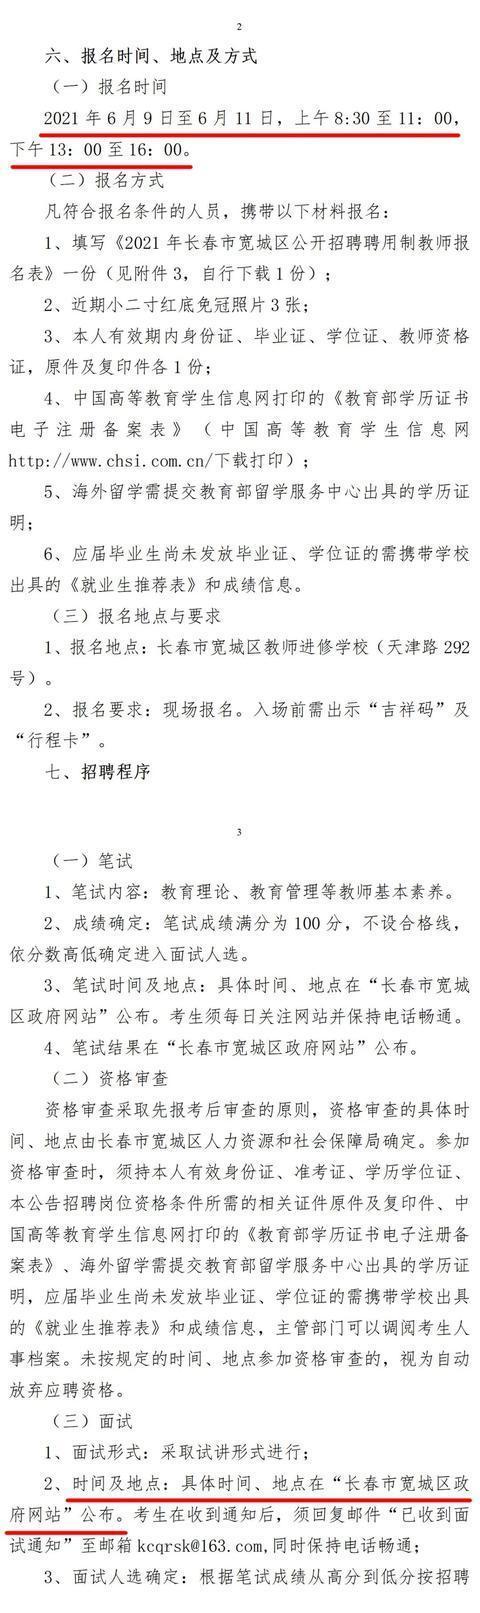 长春市宽城区公开招聘179人。 第3张